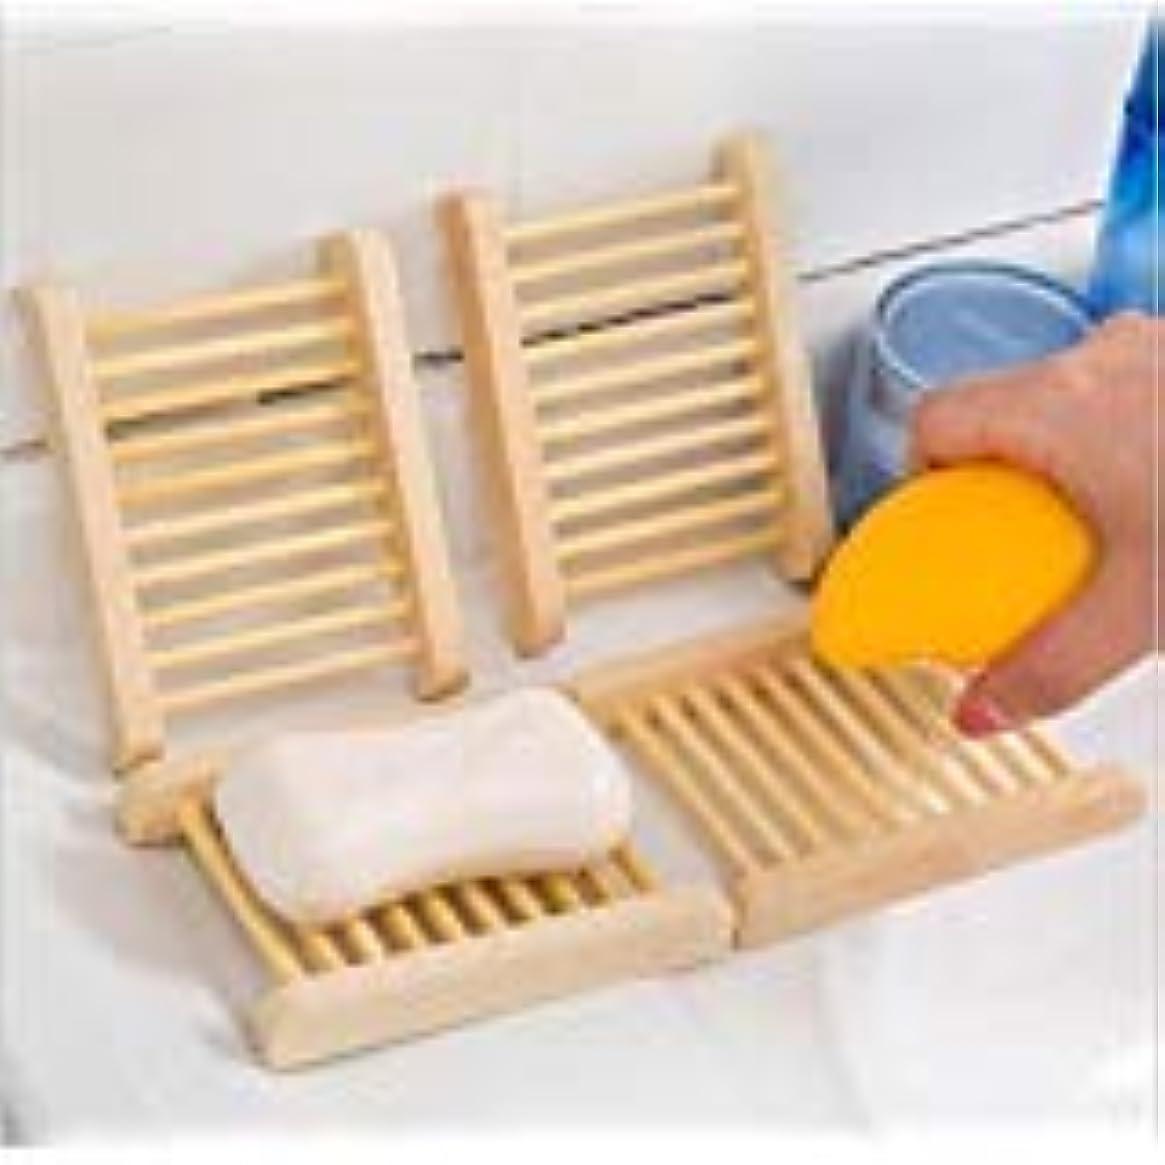 言語医薬品ボウリングKINGZUO ソープトレー せっけんトレー 石鹸置き石鹸置き 石鹸ボックス ソープディッシュ 水切り お風呂 バス用品 木製 4個入り